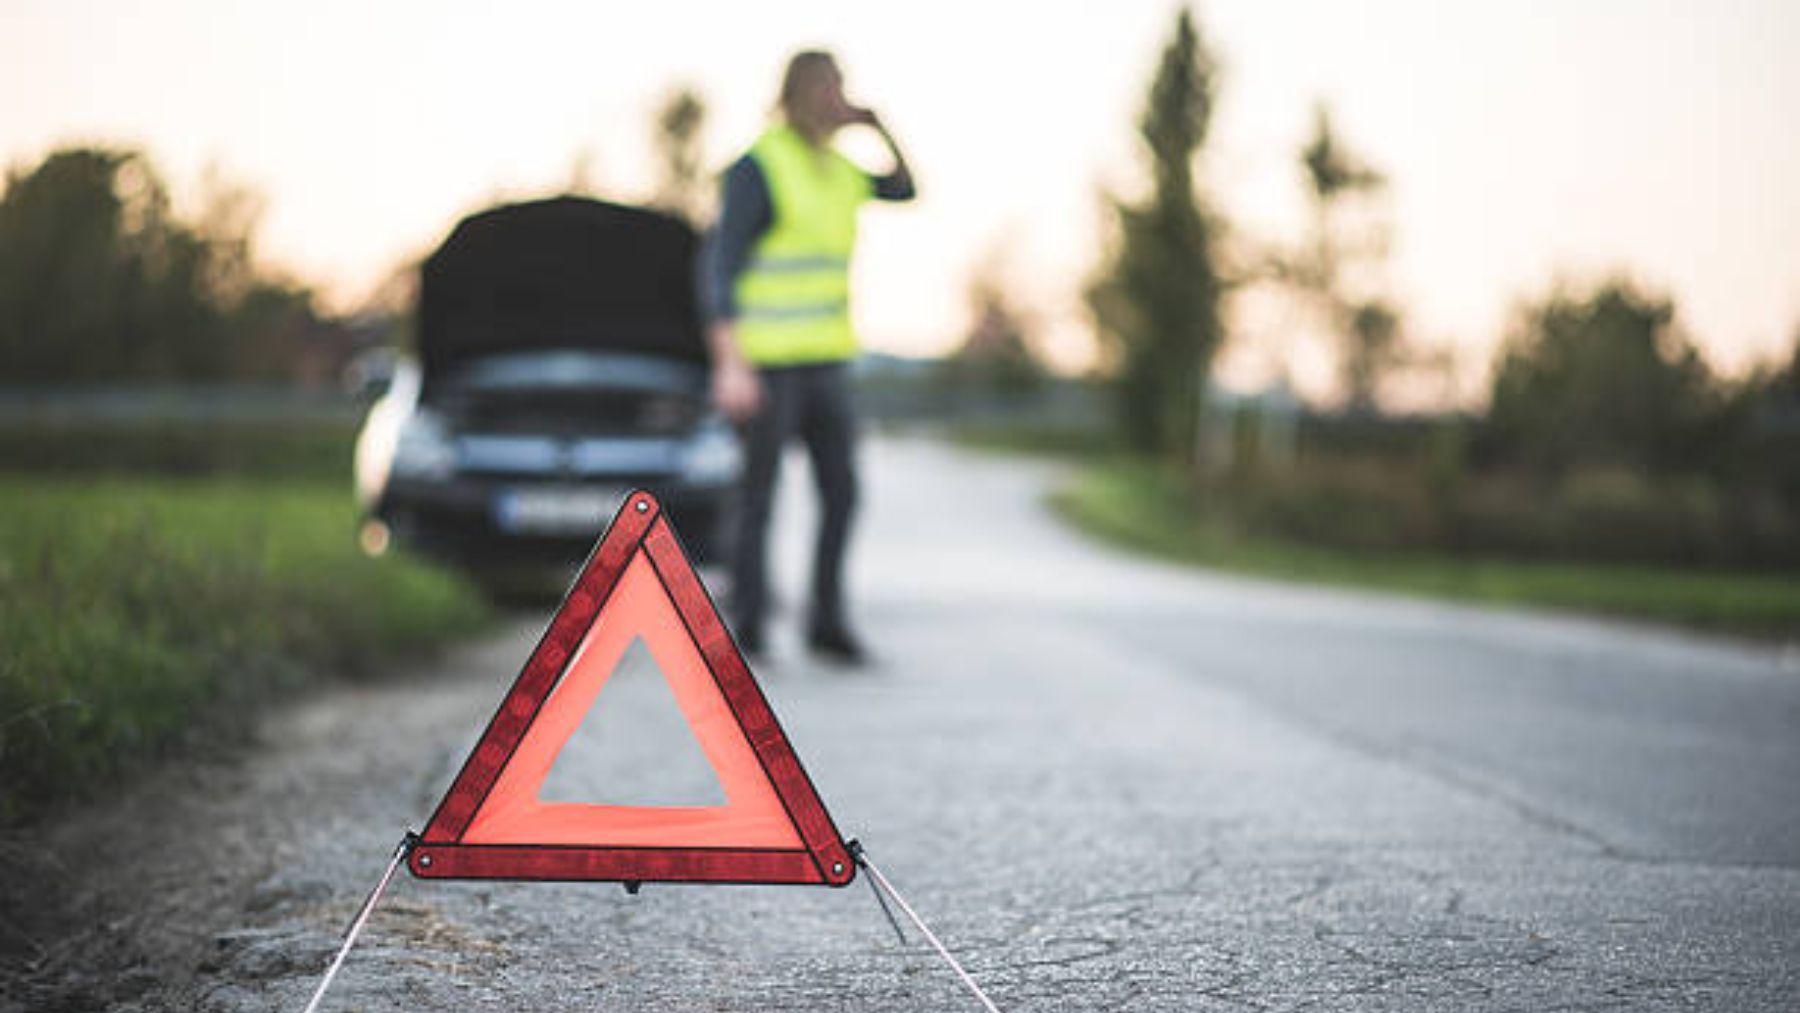 La DGT nos recuerda qué hacer en carretera ante una emergencia o avería